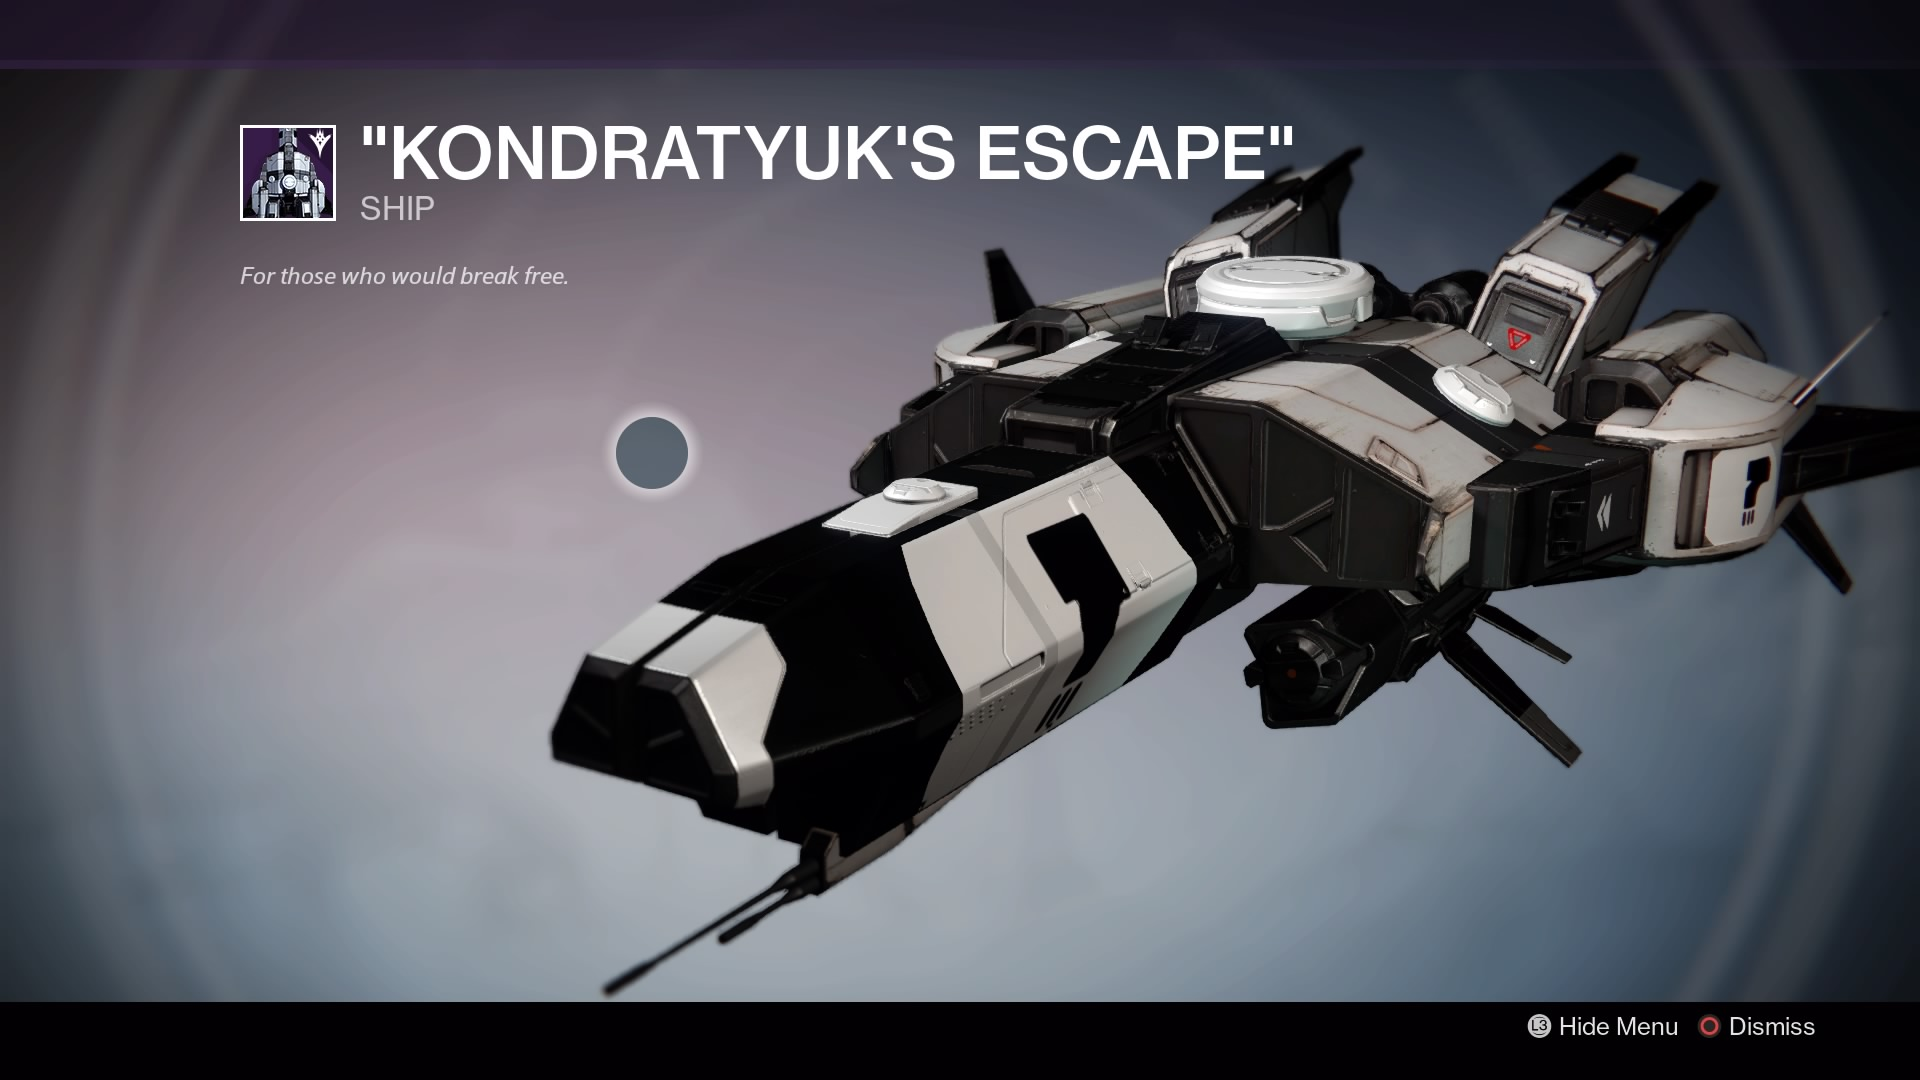 Kondratyuk's Escape